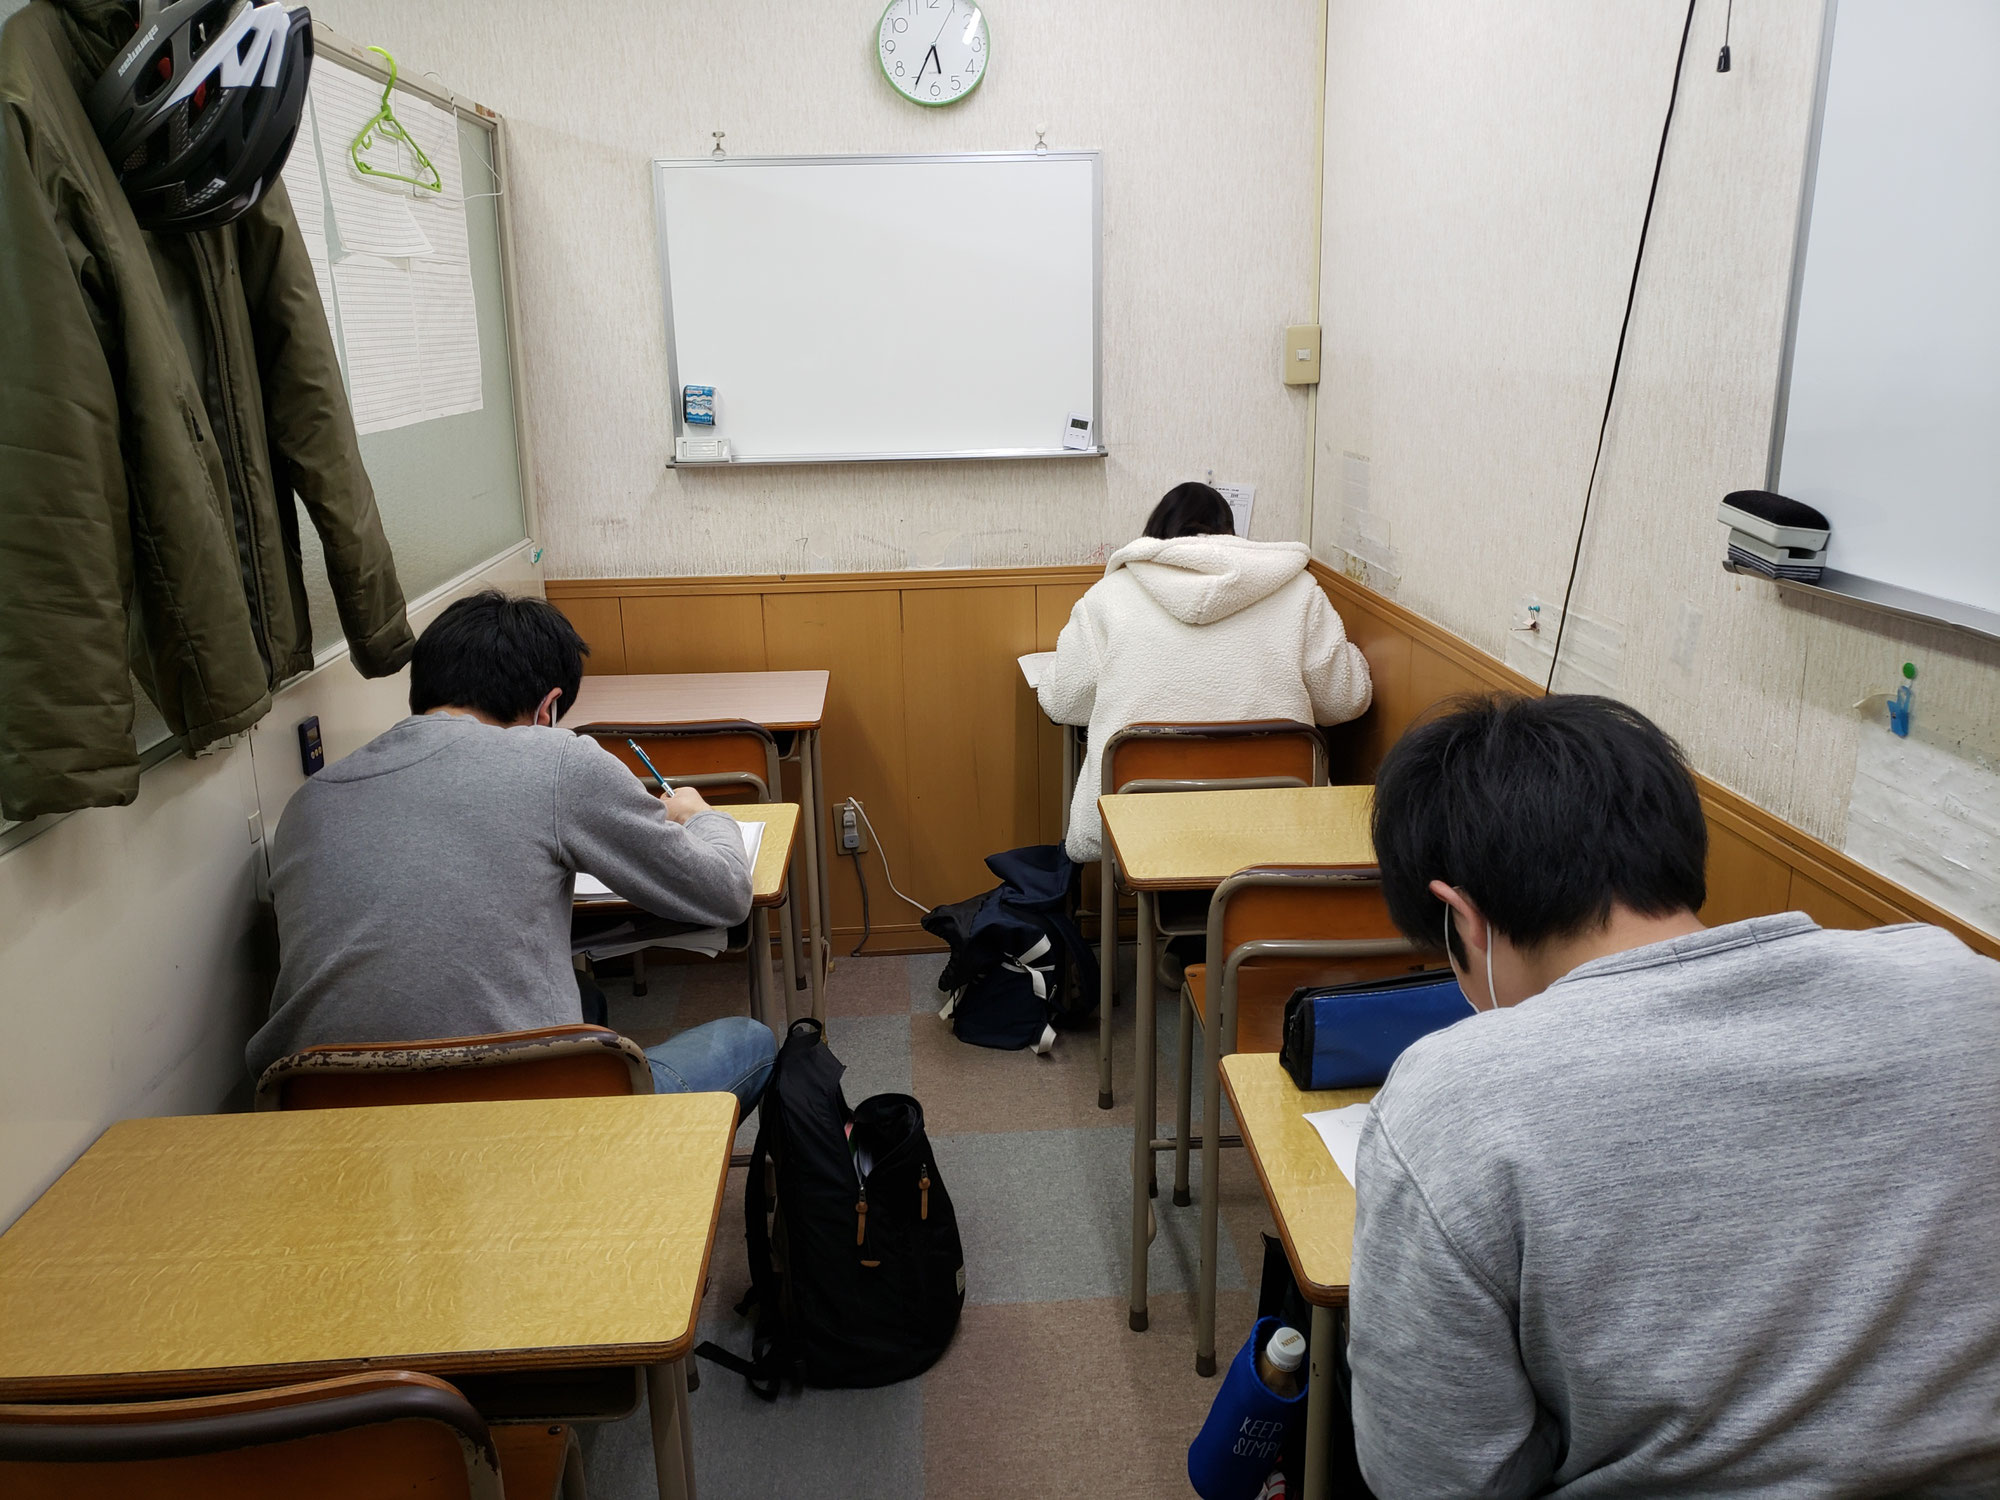 都立高校入試まであと2日、悔いの残らないようにやるだけですね